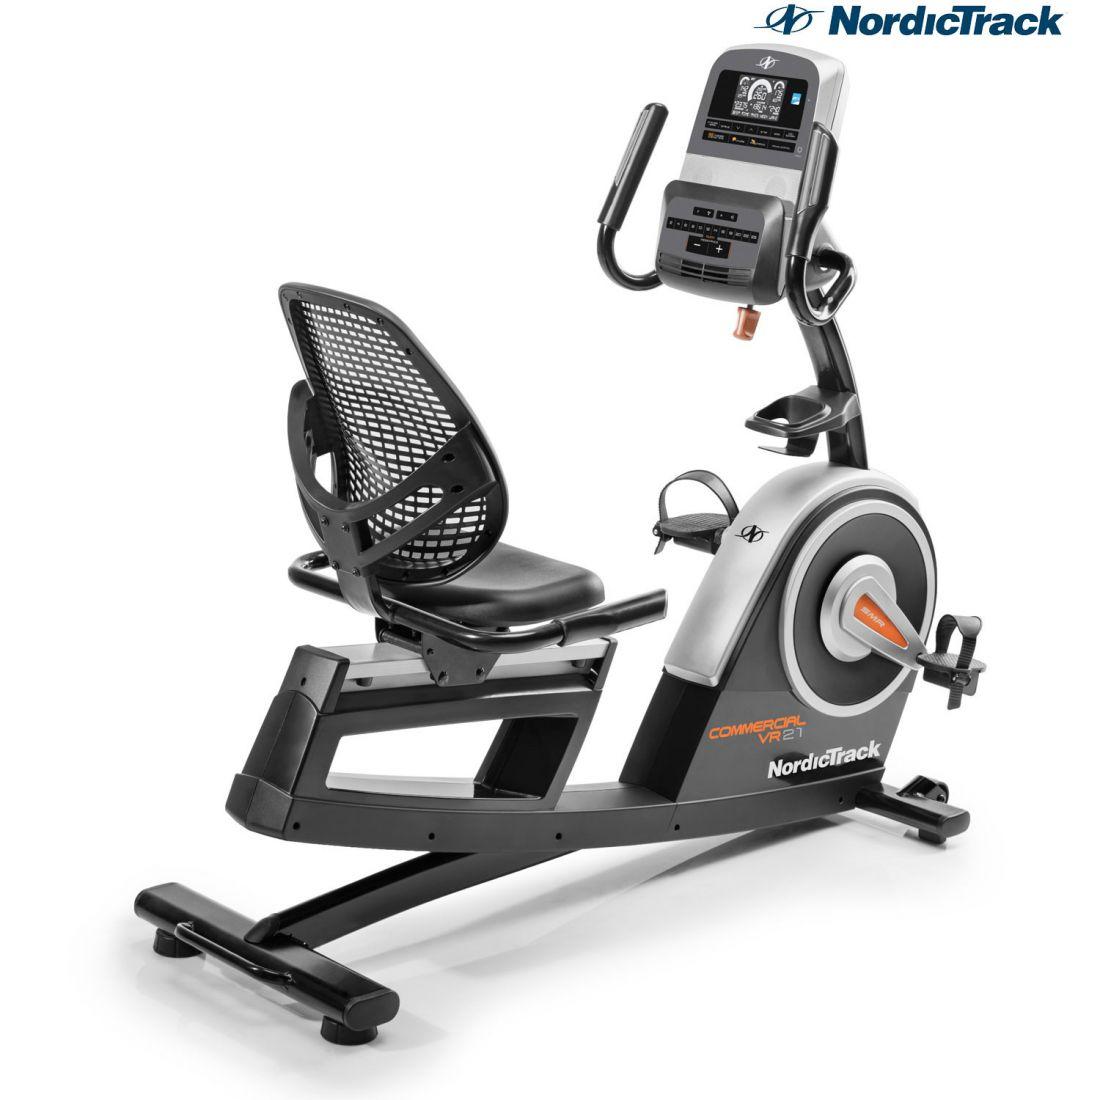 Велотренажер - NordicTrack Commercial VR21